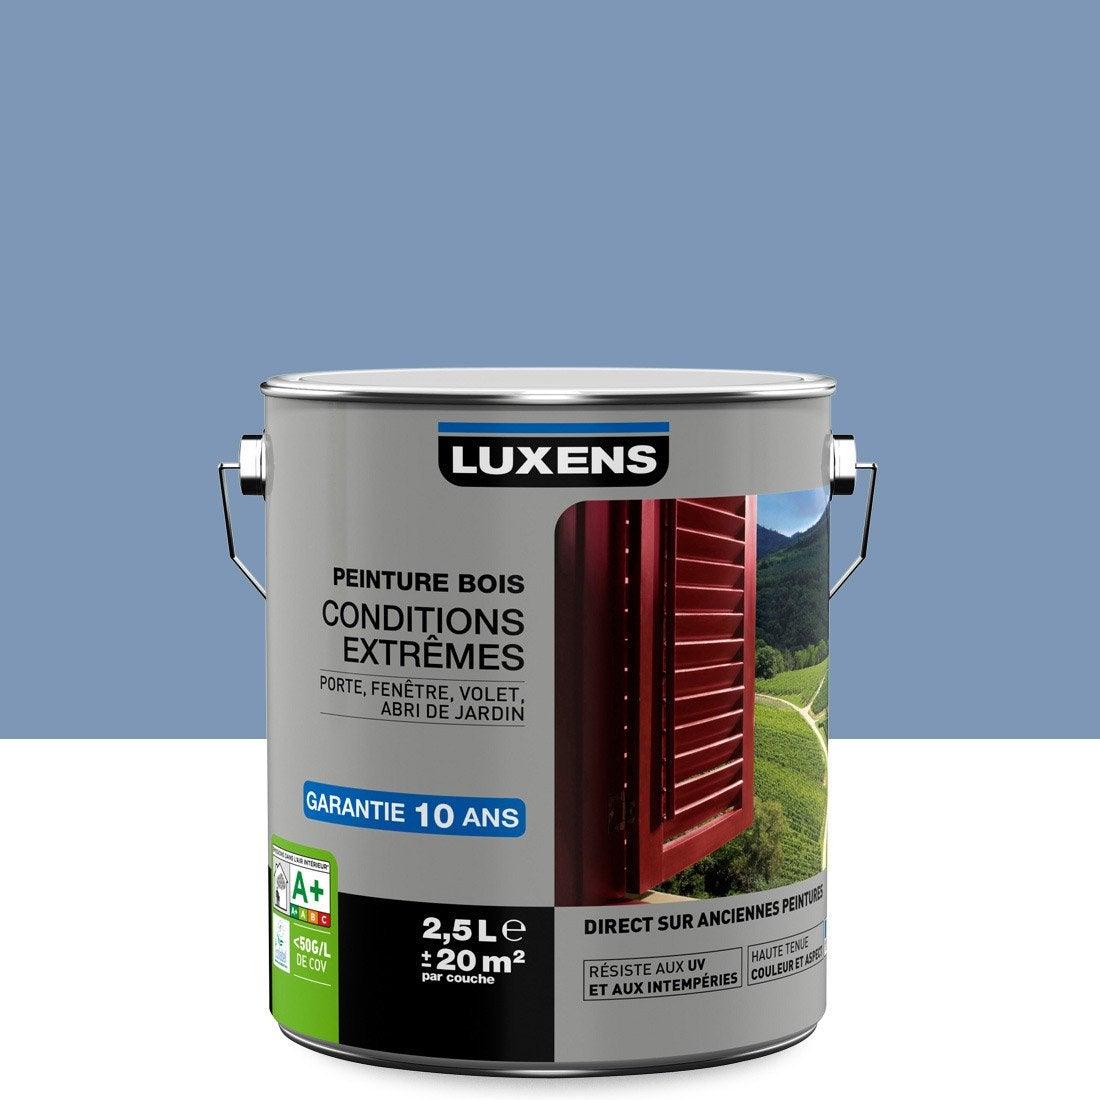 Peinture bois ext rieur conditions extr mes luxens bleu provence 2 5 l leroy merlin - Peinture epoxy leroy merlin ...